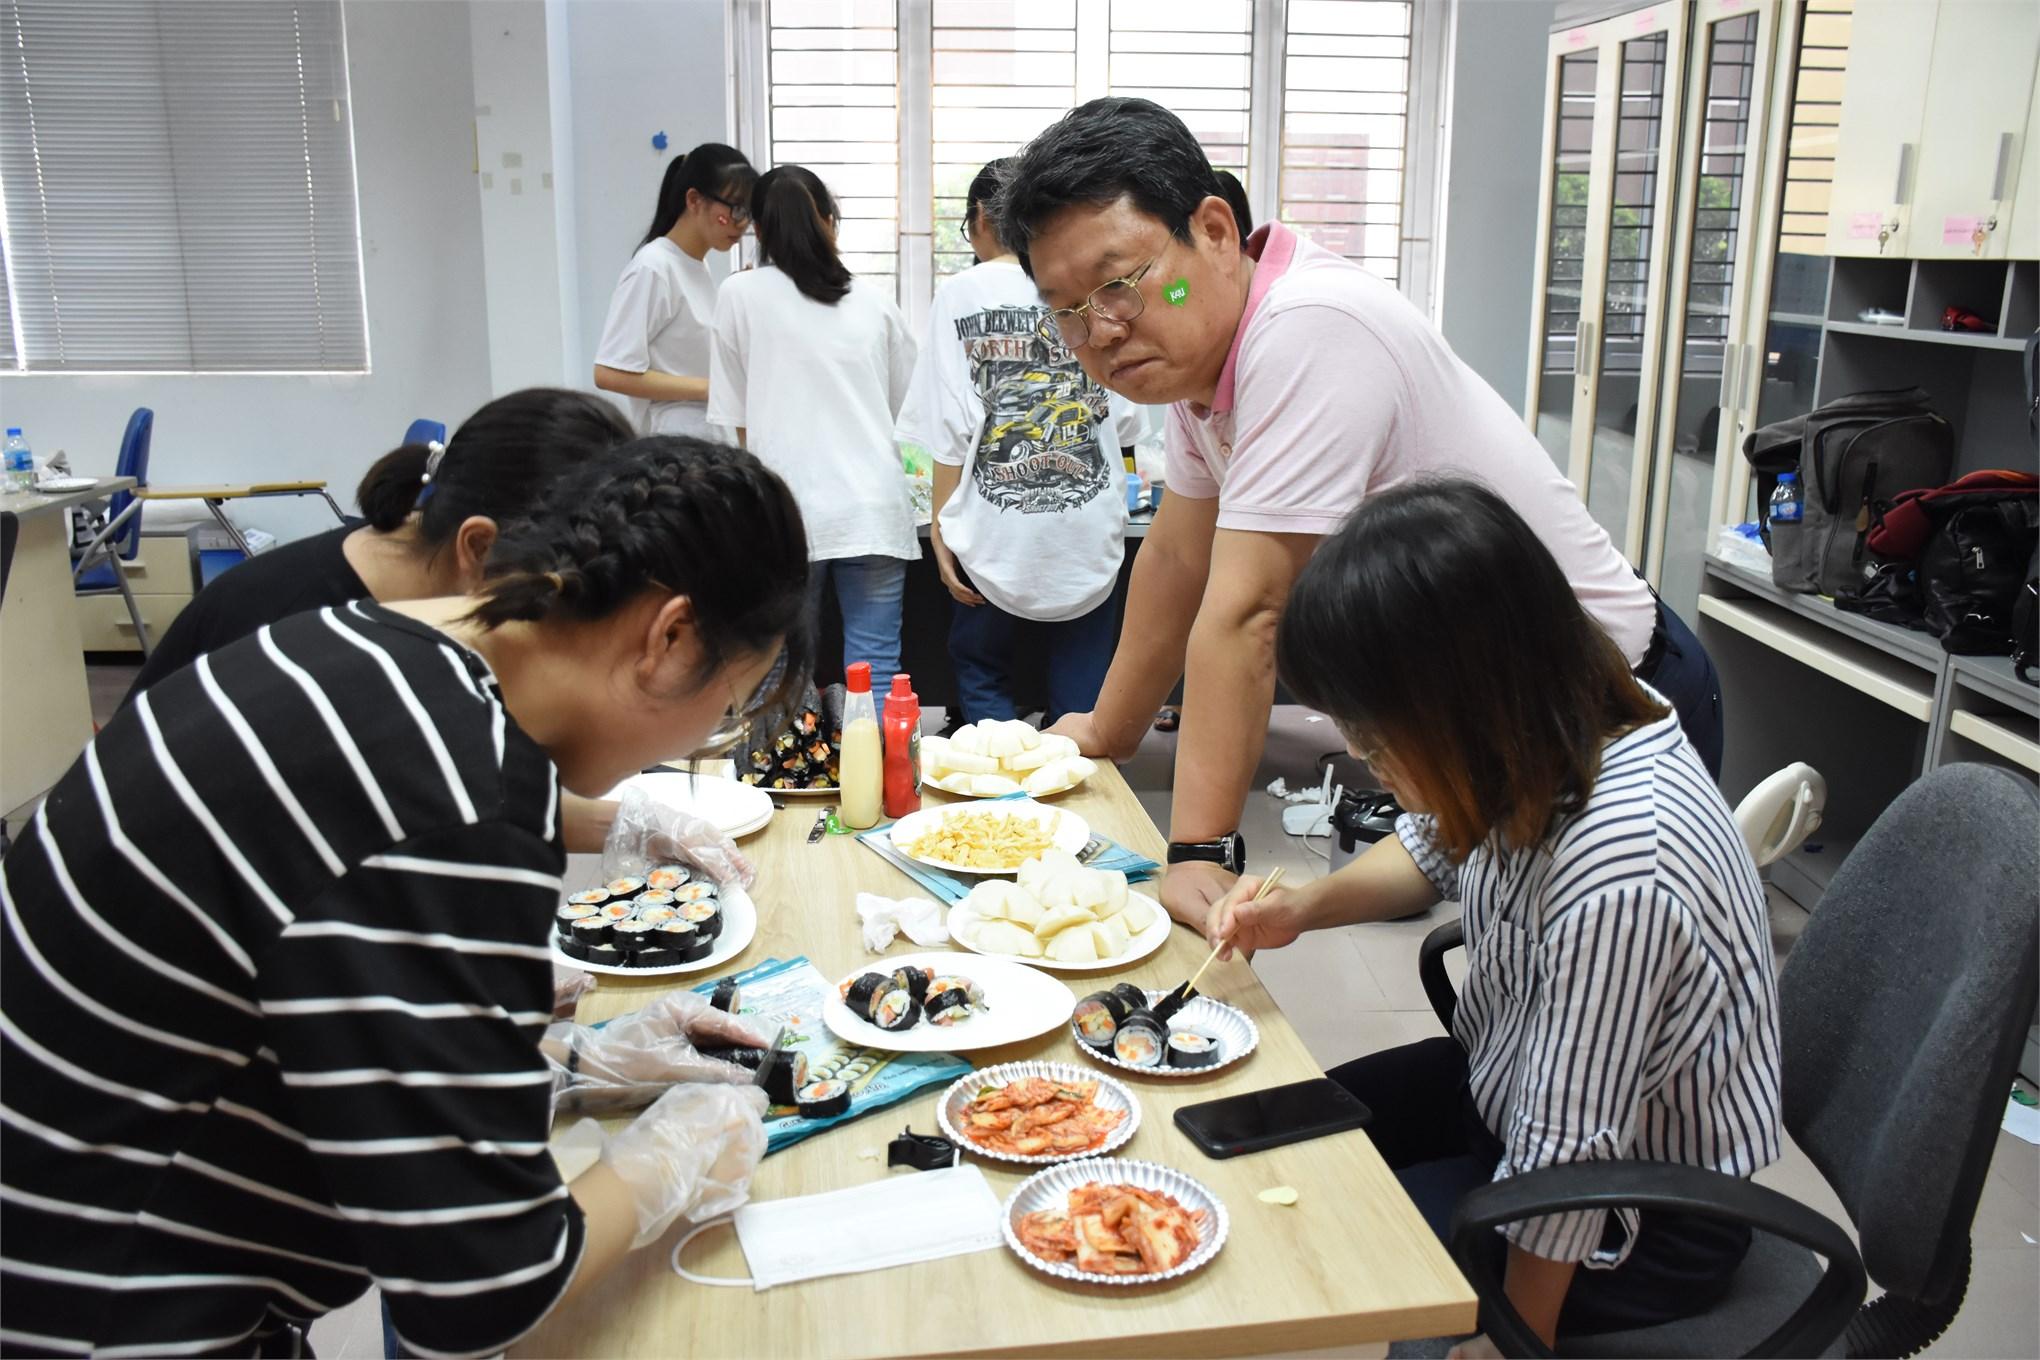 GIao lưu văn hóa Hàn Quốc